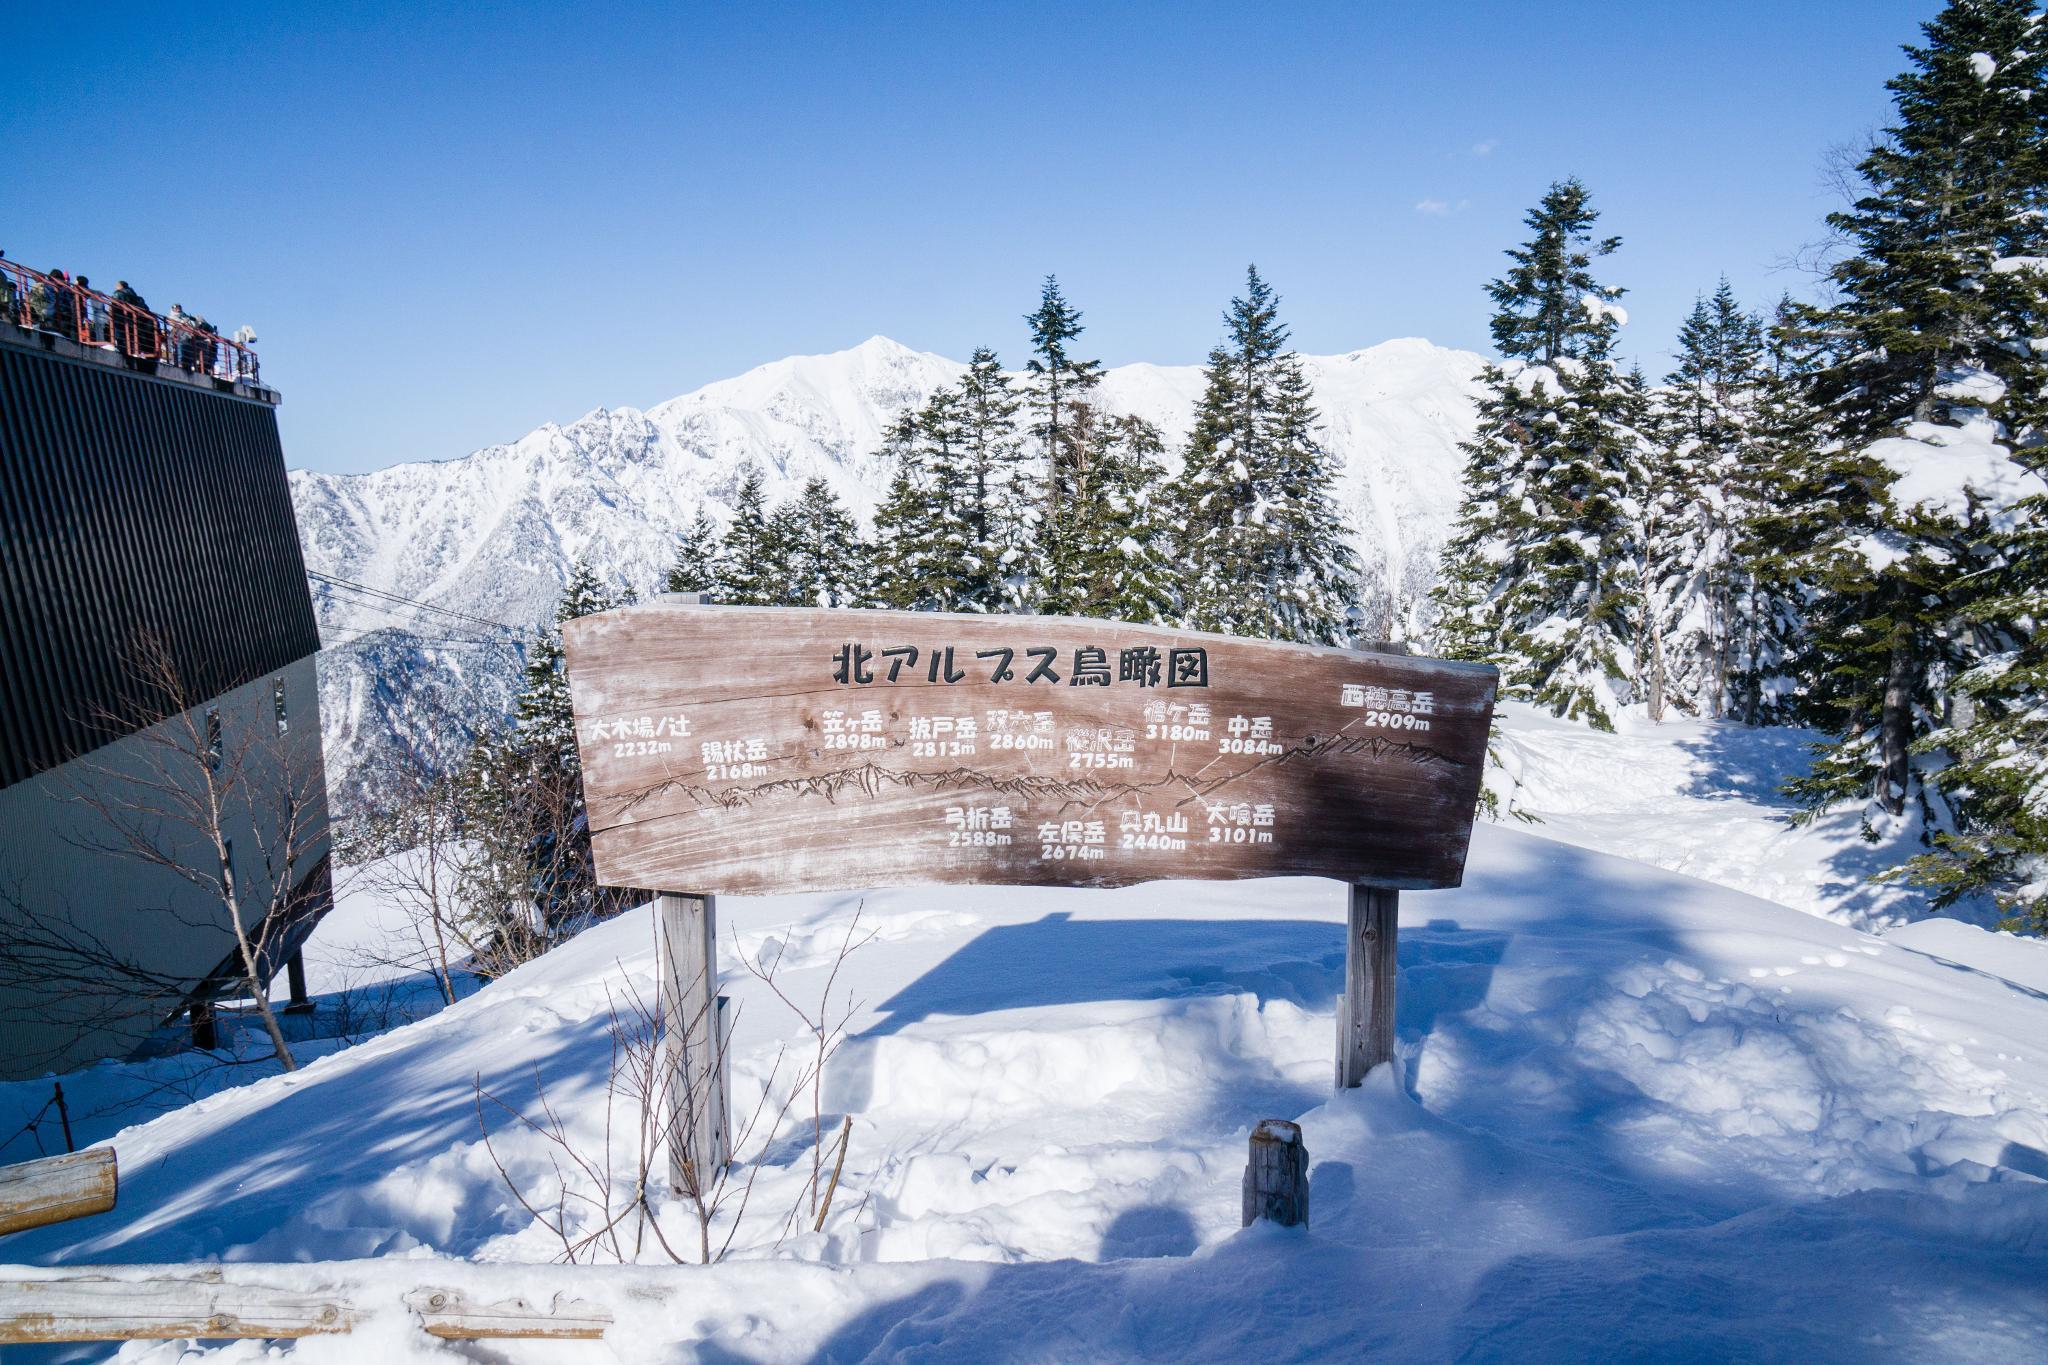 【岐阜】超級推薦!奧飛驒溫泉鄉的冬季戀歌 ~ 新穗高纜車雪景攻略 108